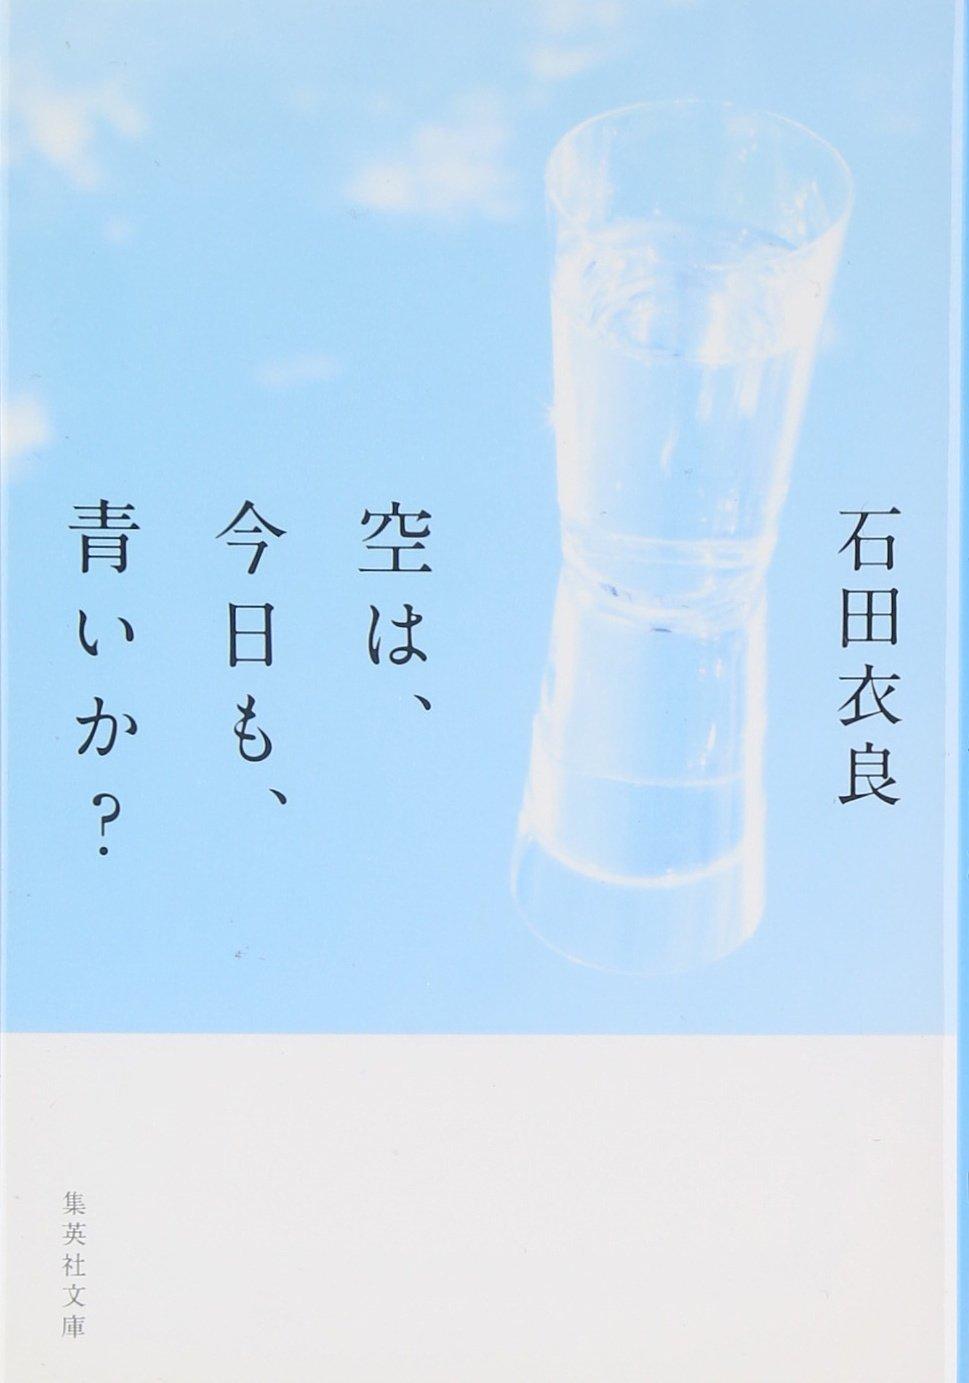 石田衣良おすすめ作品10選!感動長編から勇気づけられるエッセイまで